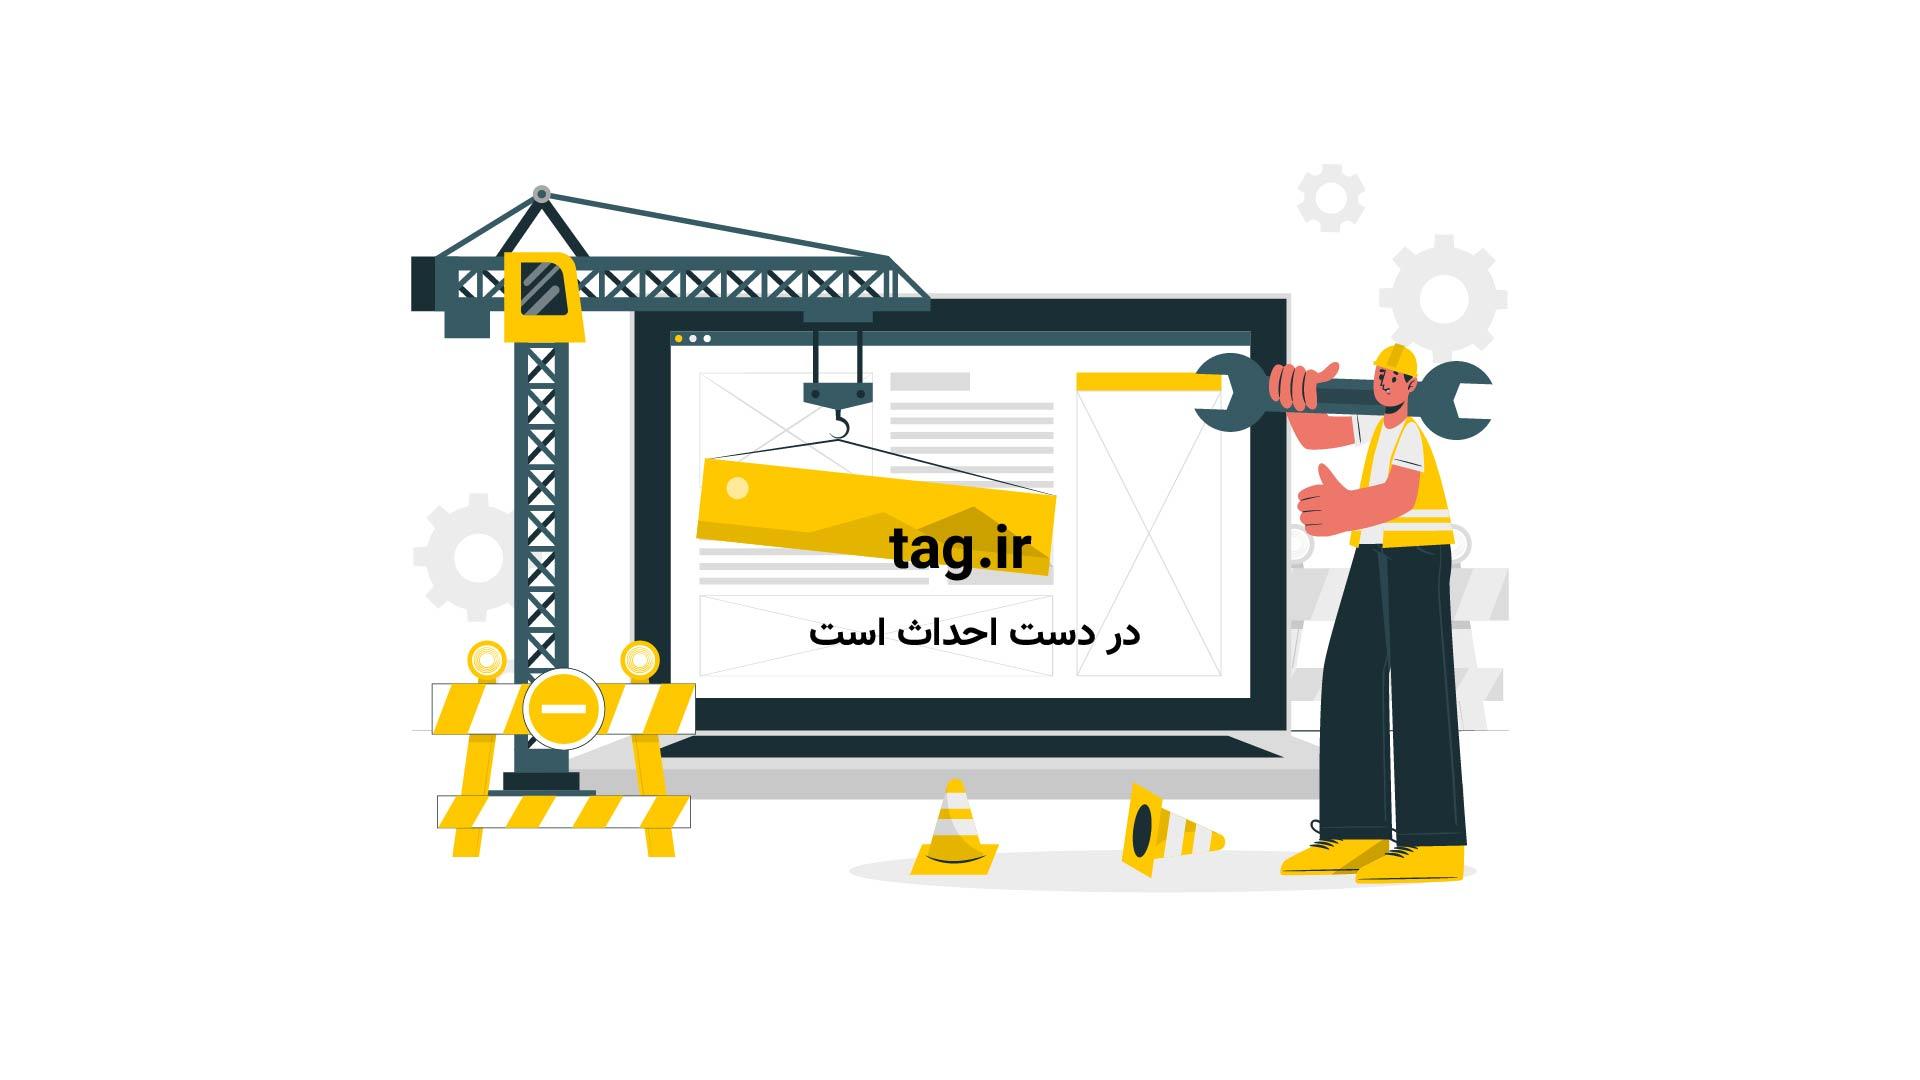 مسجد کبود تبریز؛ اوج سادگی و عظمت + فیلم